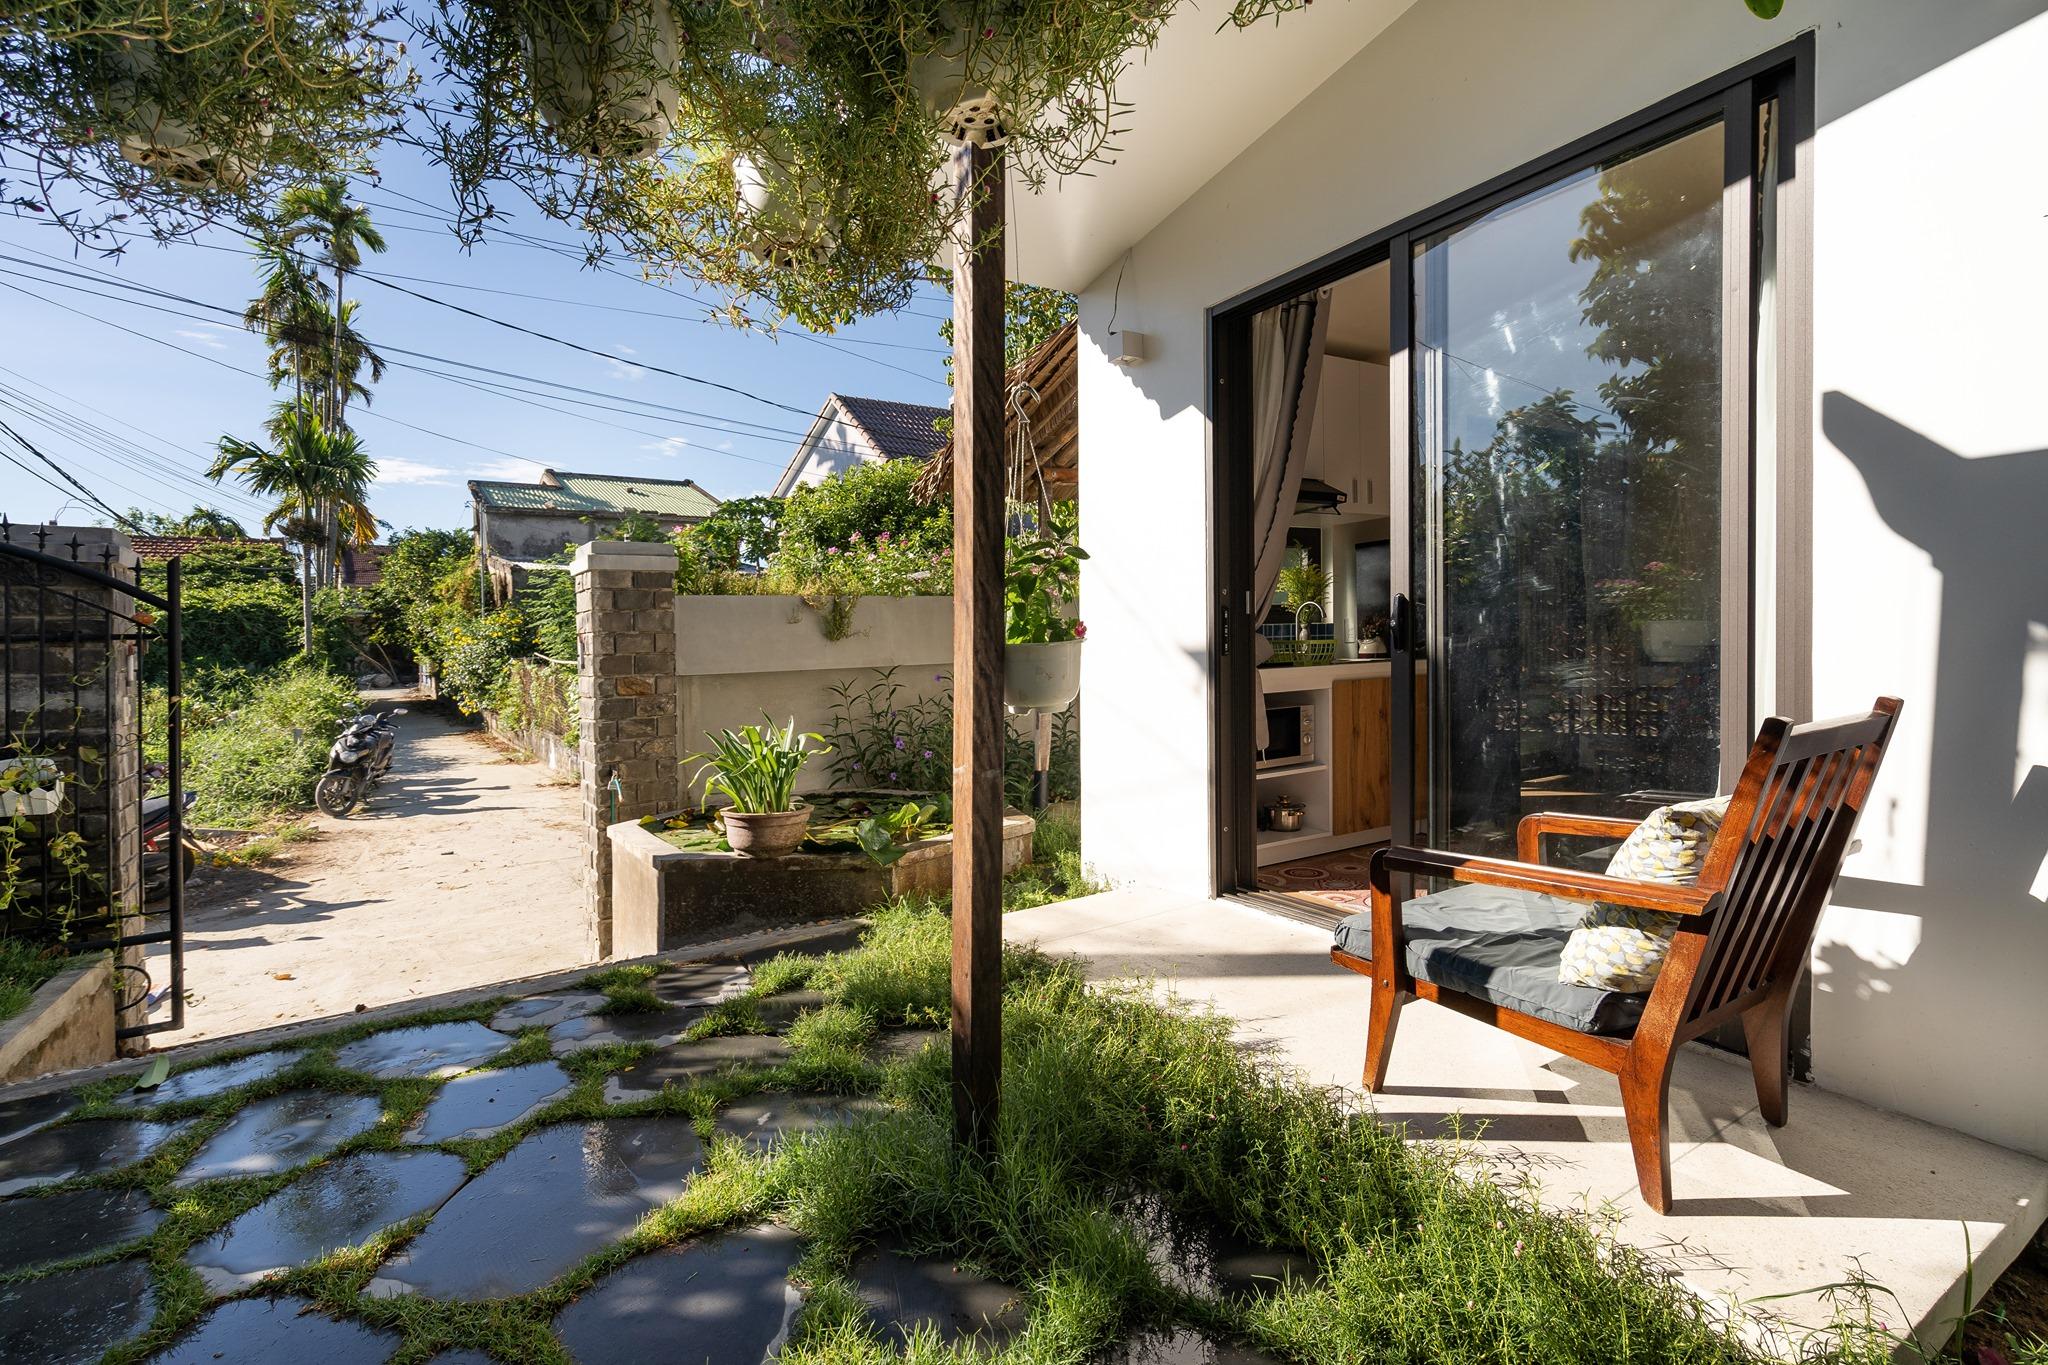 Tiến hành cải tạo không gian phòng khách, sân vườn